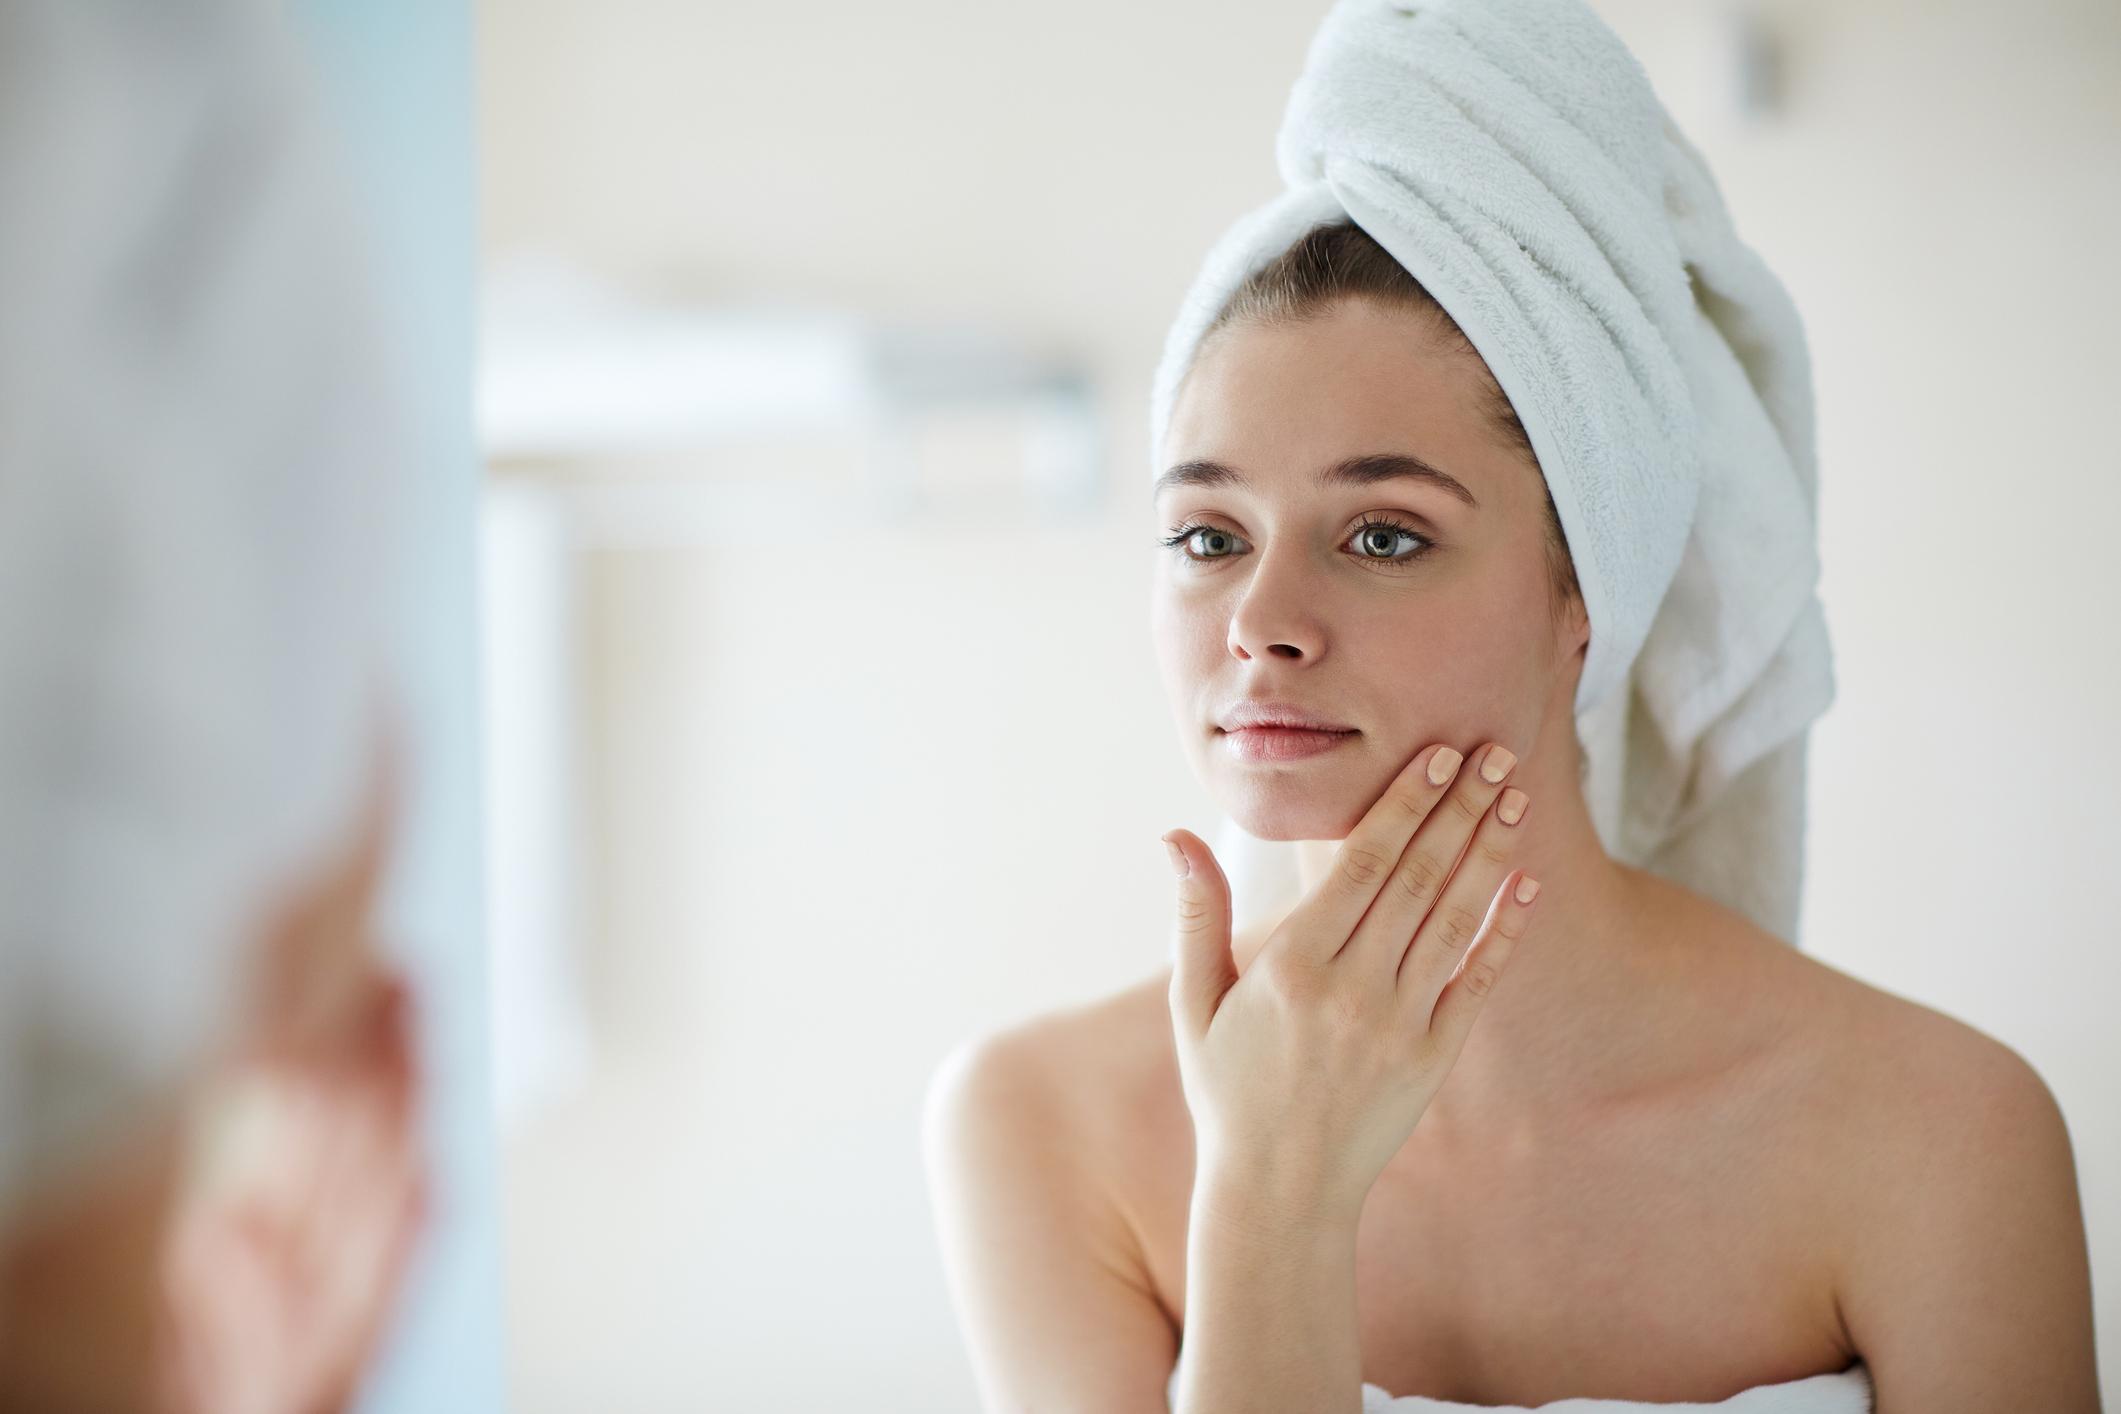 A higiene diária da pele é um dos fatores mais importantes. Talvez a parte essencial para manter a saúde, já que é o maior órgão do corpo humano.